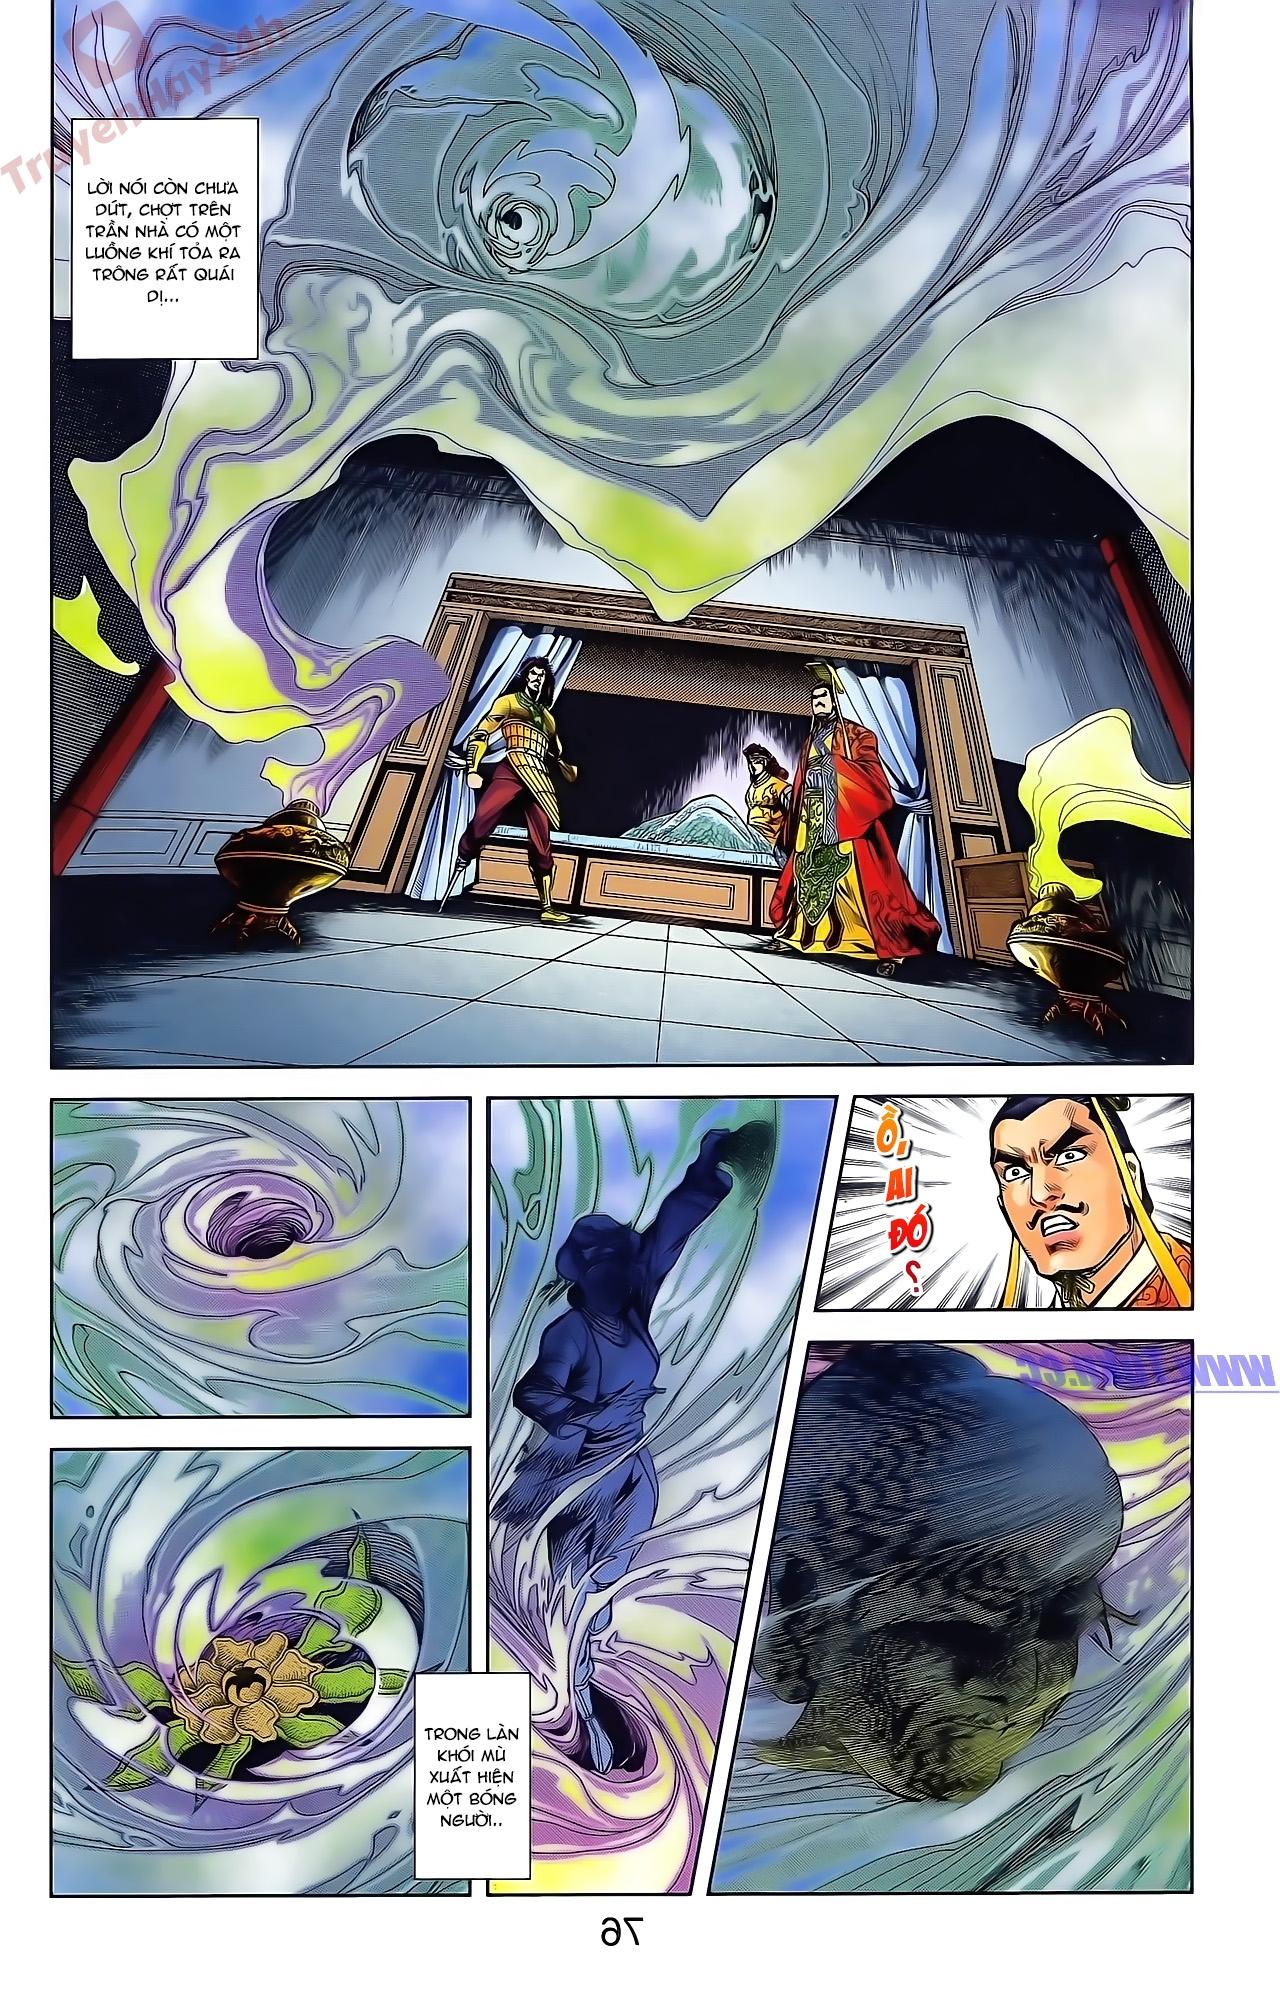 Tần Vương Doanh Chính chapter 49 trang 30